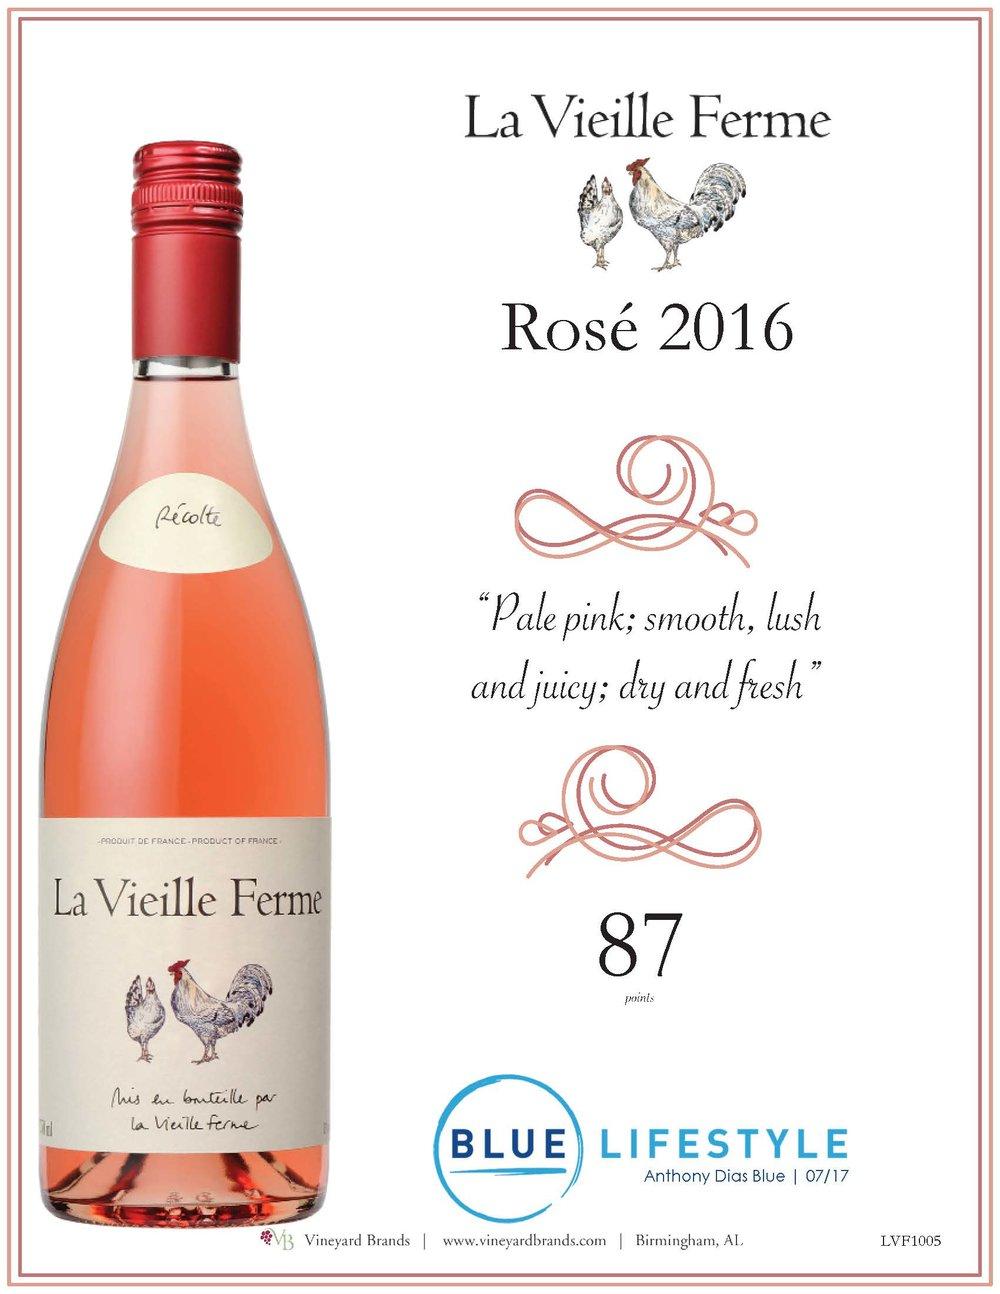 La Vieille Ferme Rose 2016.jpg